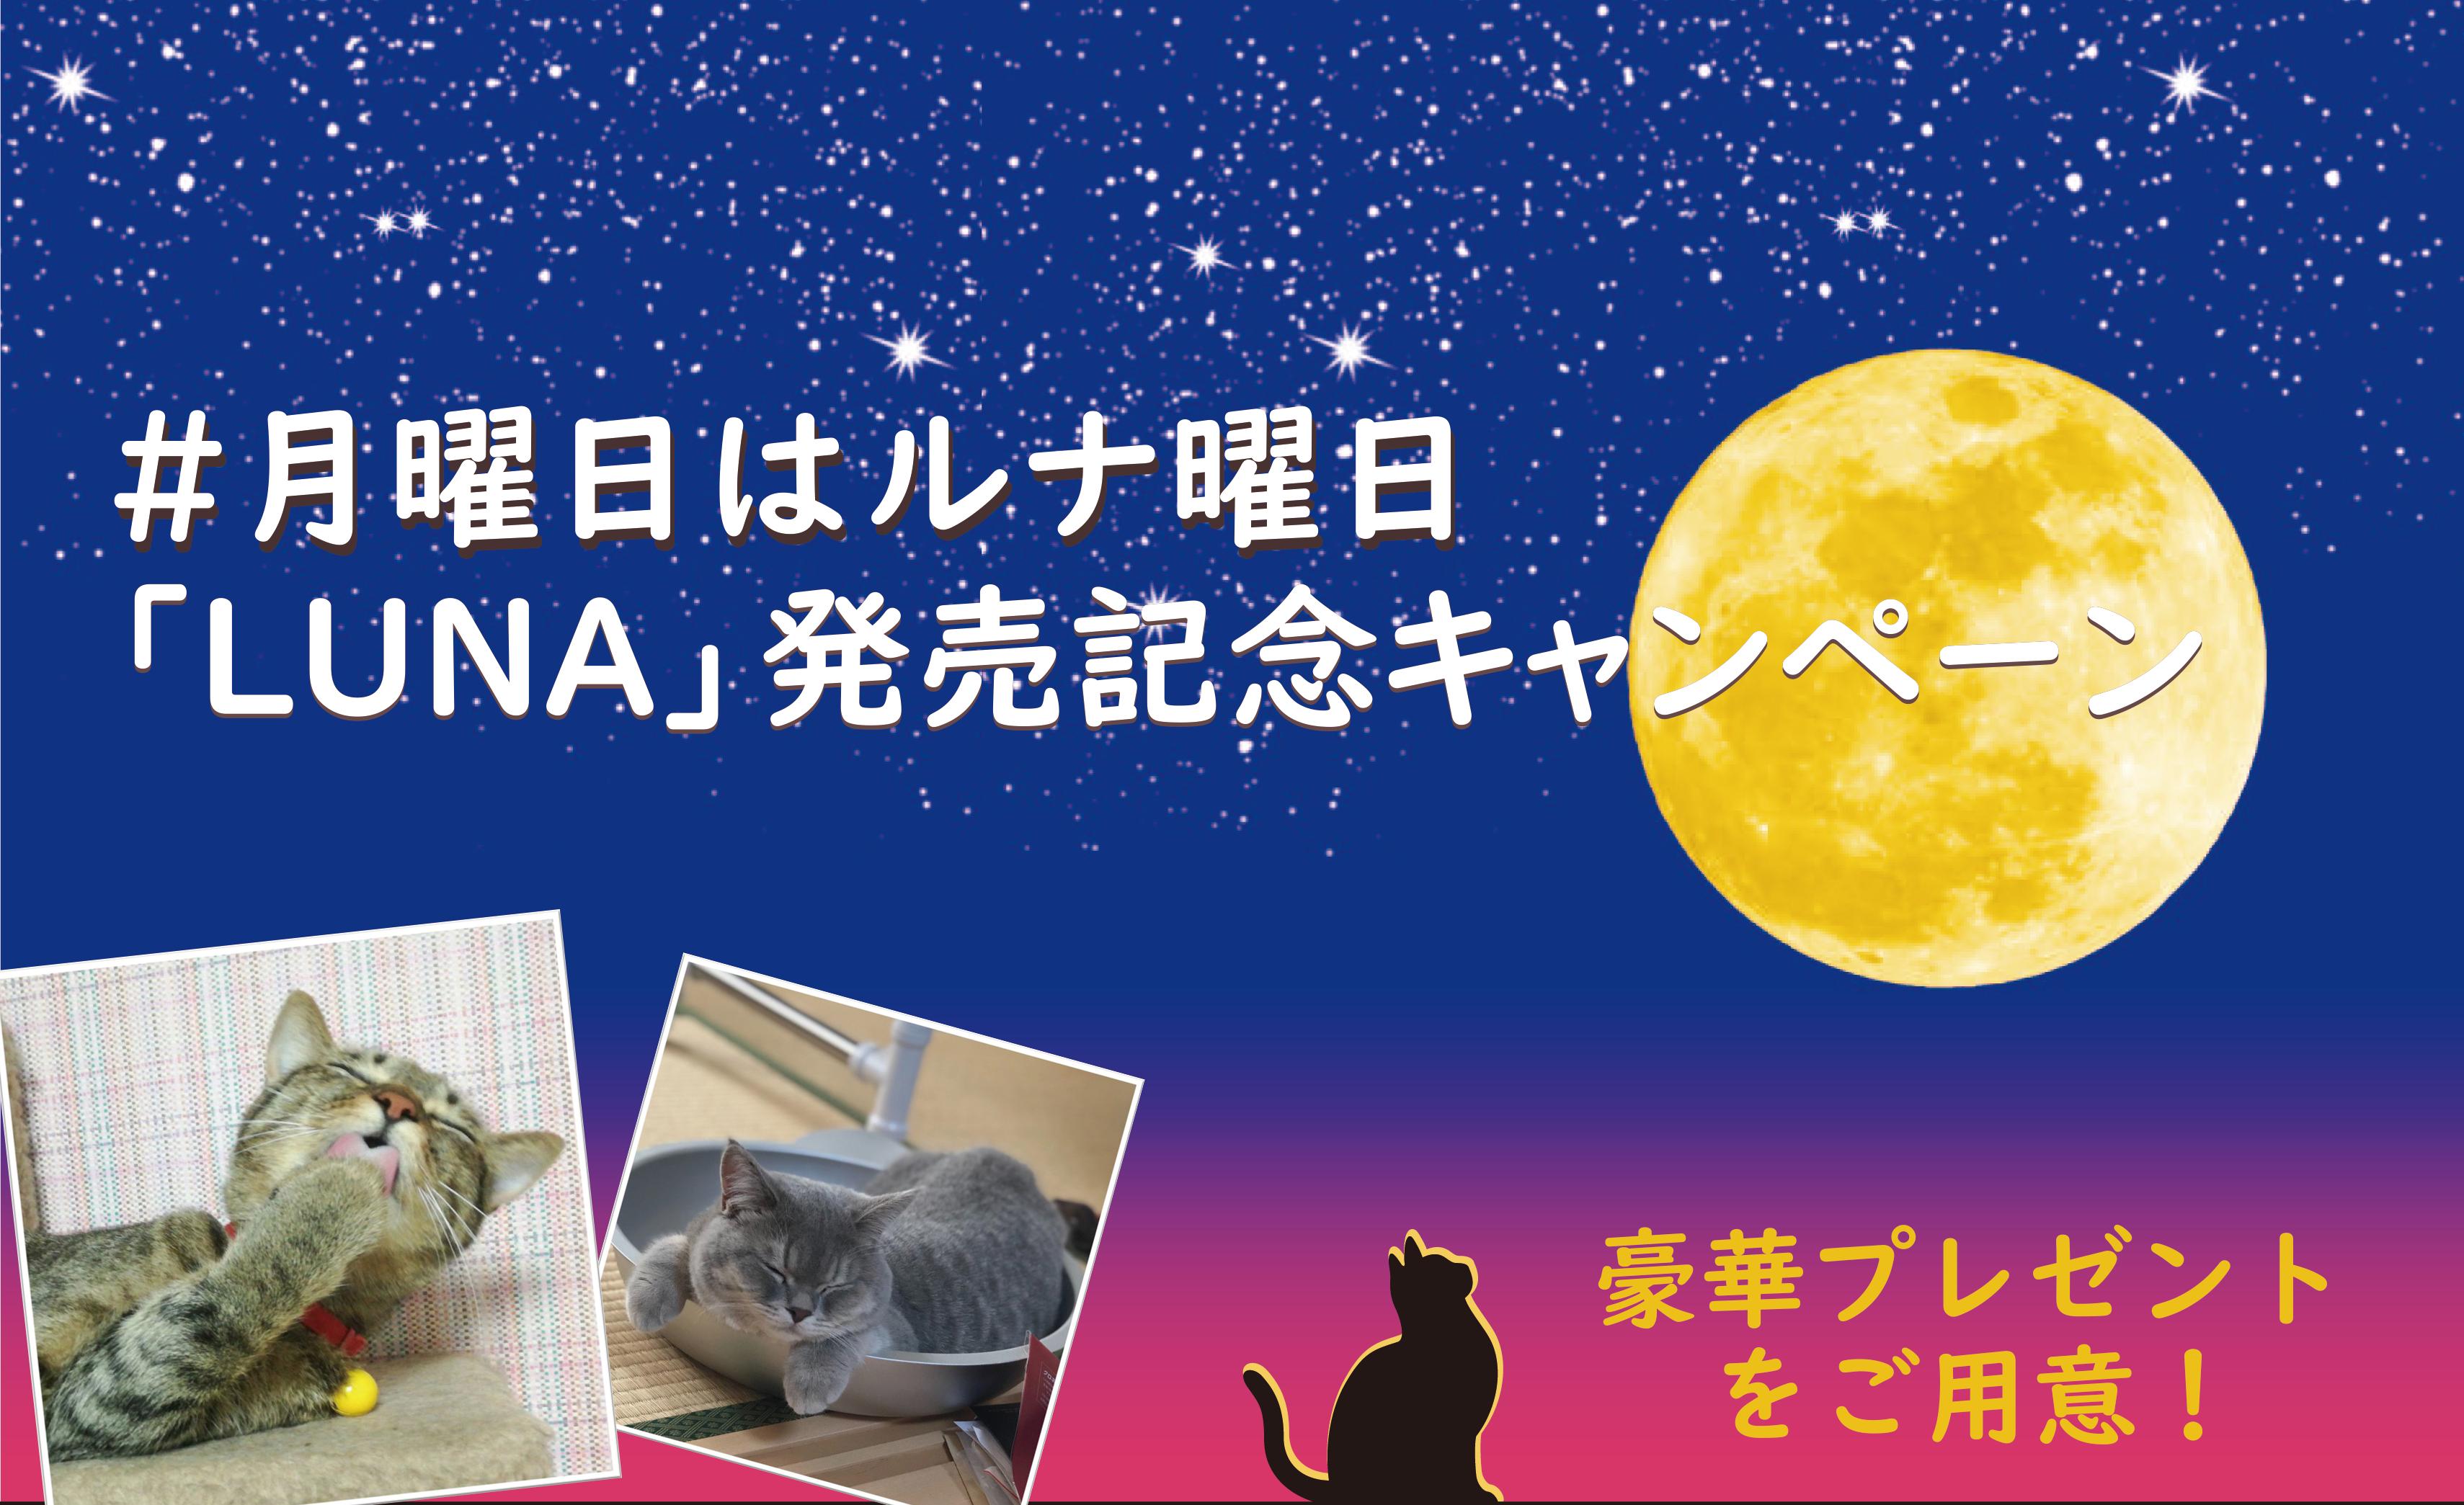 #月曜日はルナ曜日 「LUNA」発売記念キャンペーン開催!